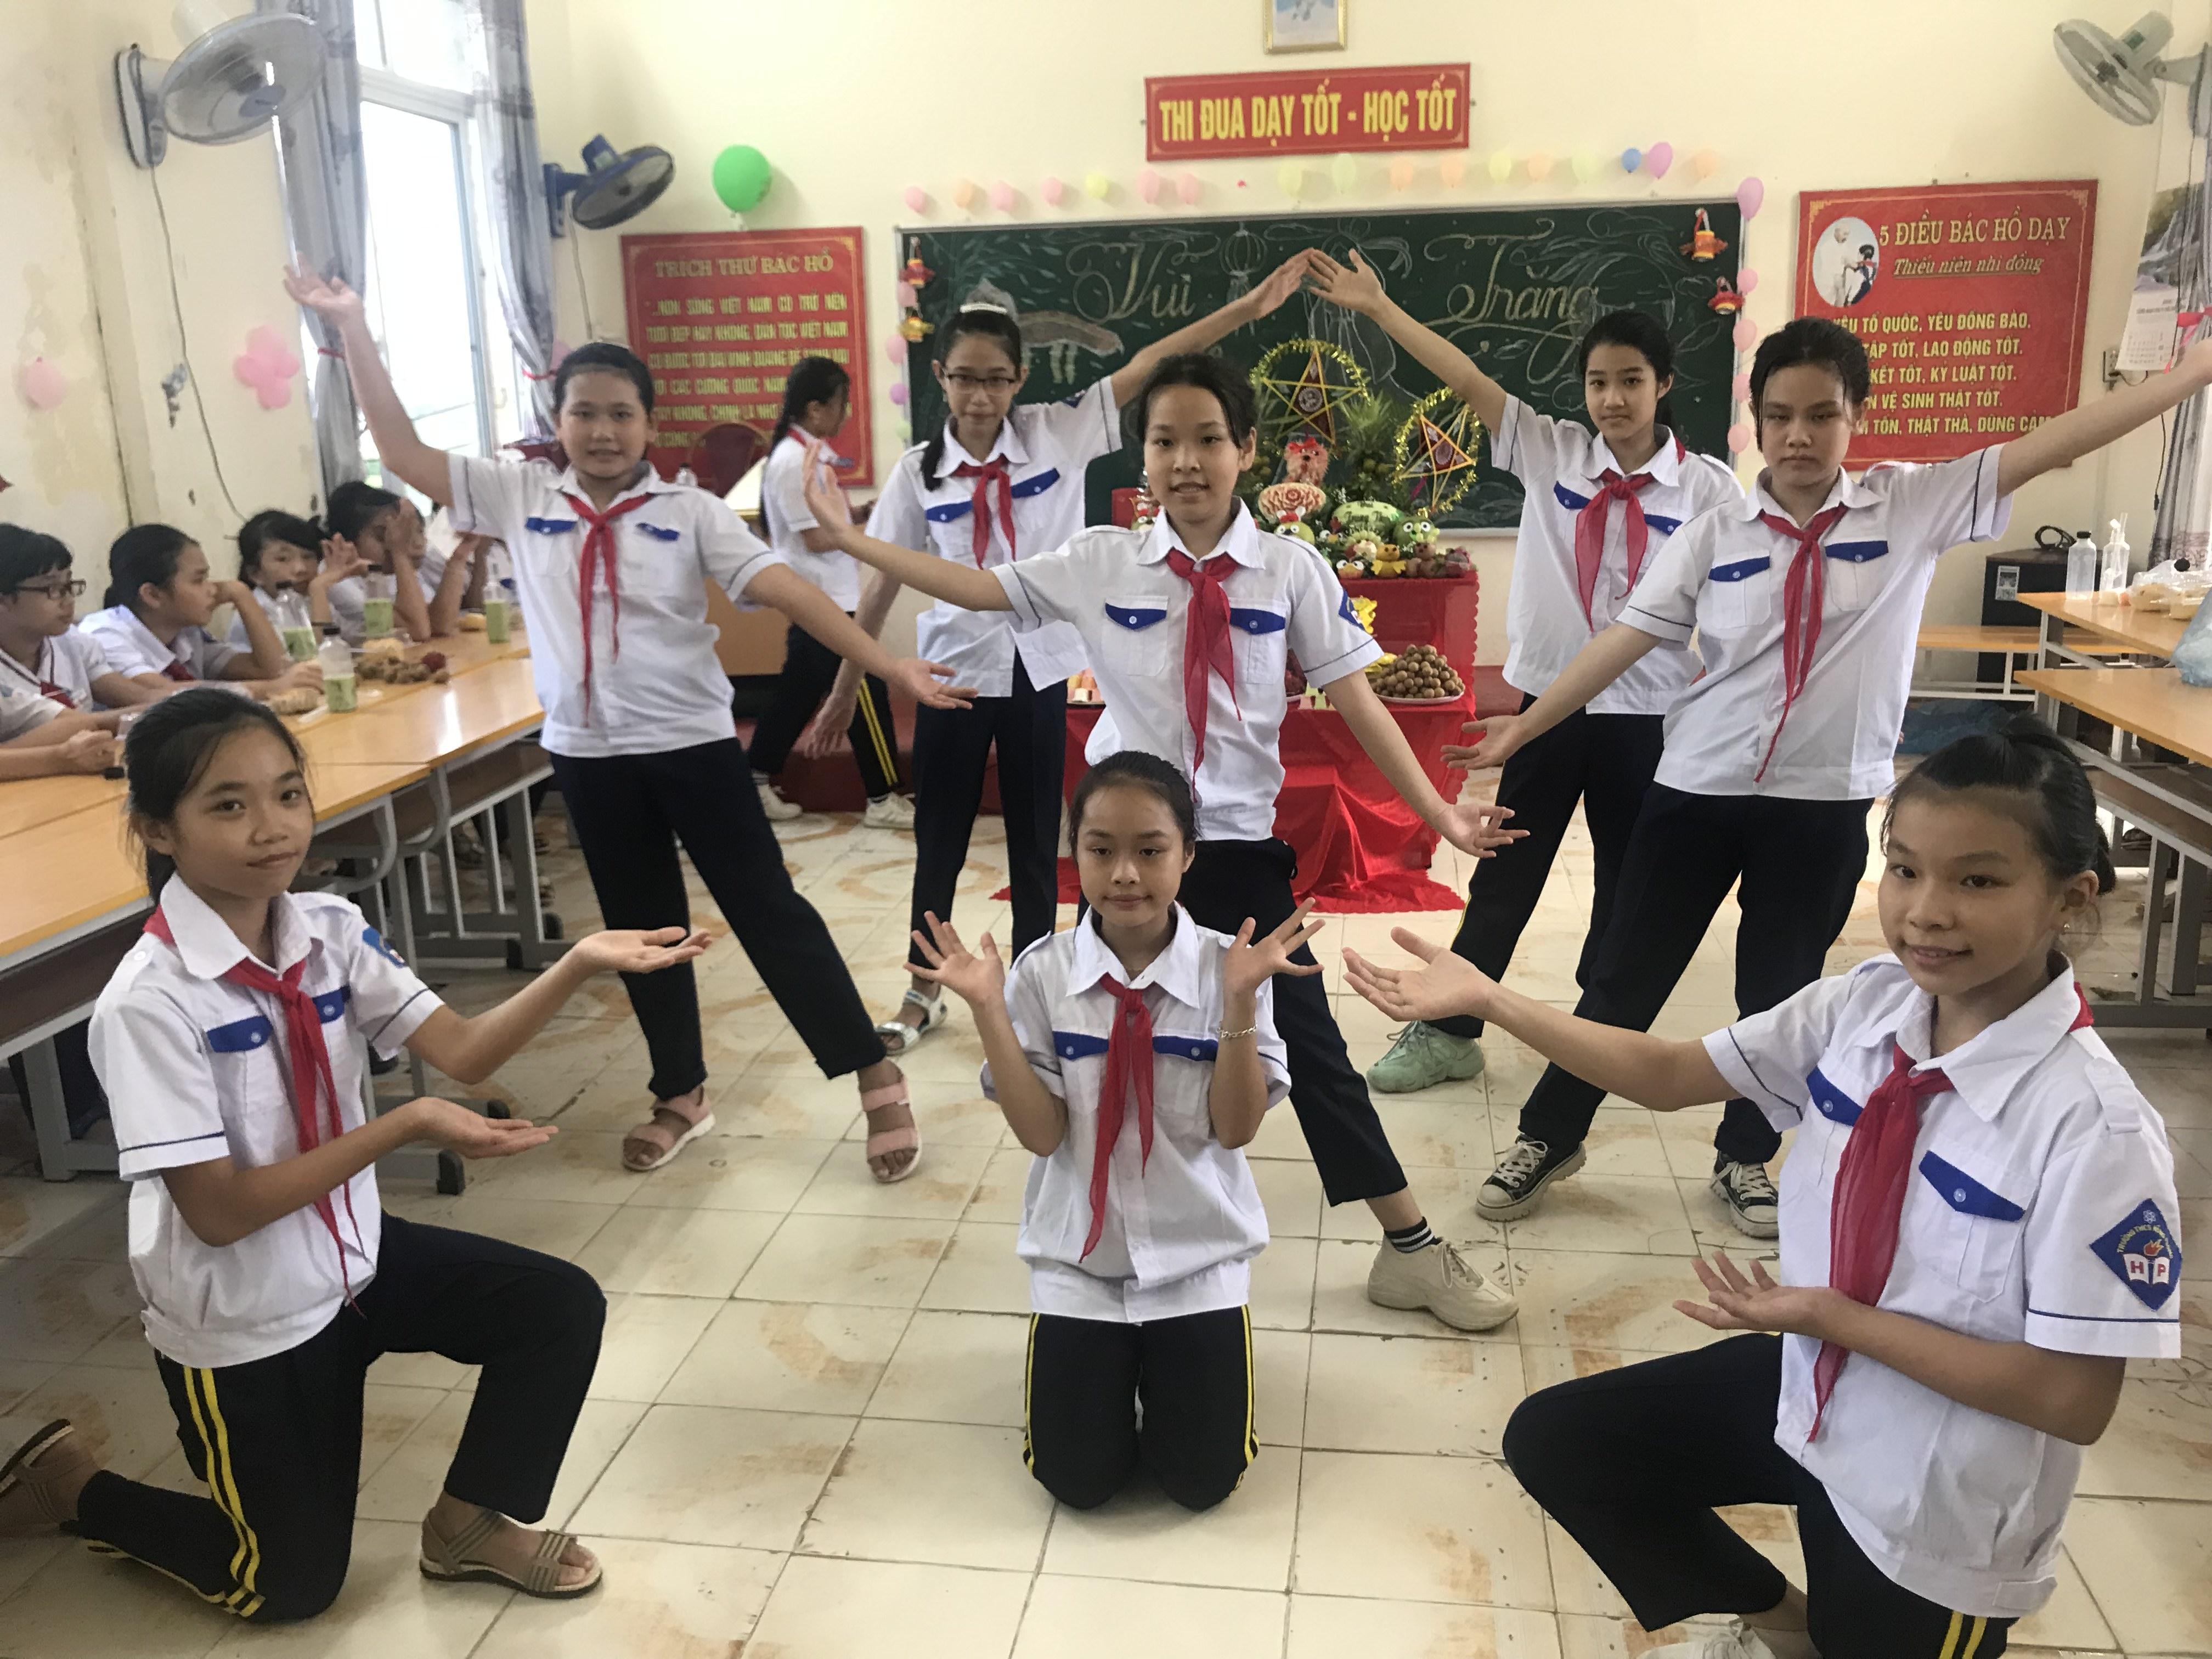 Các tiết mục văn nghệ do các em lớp 6 D1 biểu diễn.